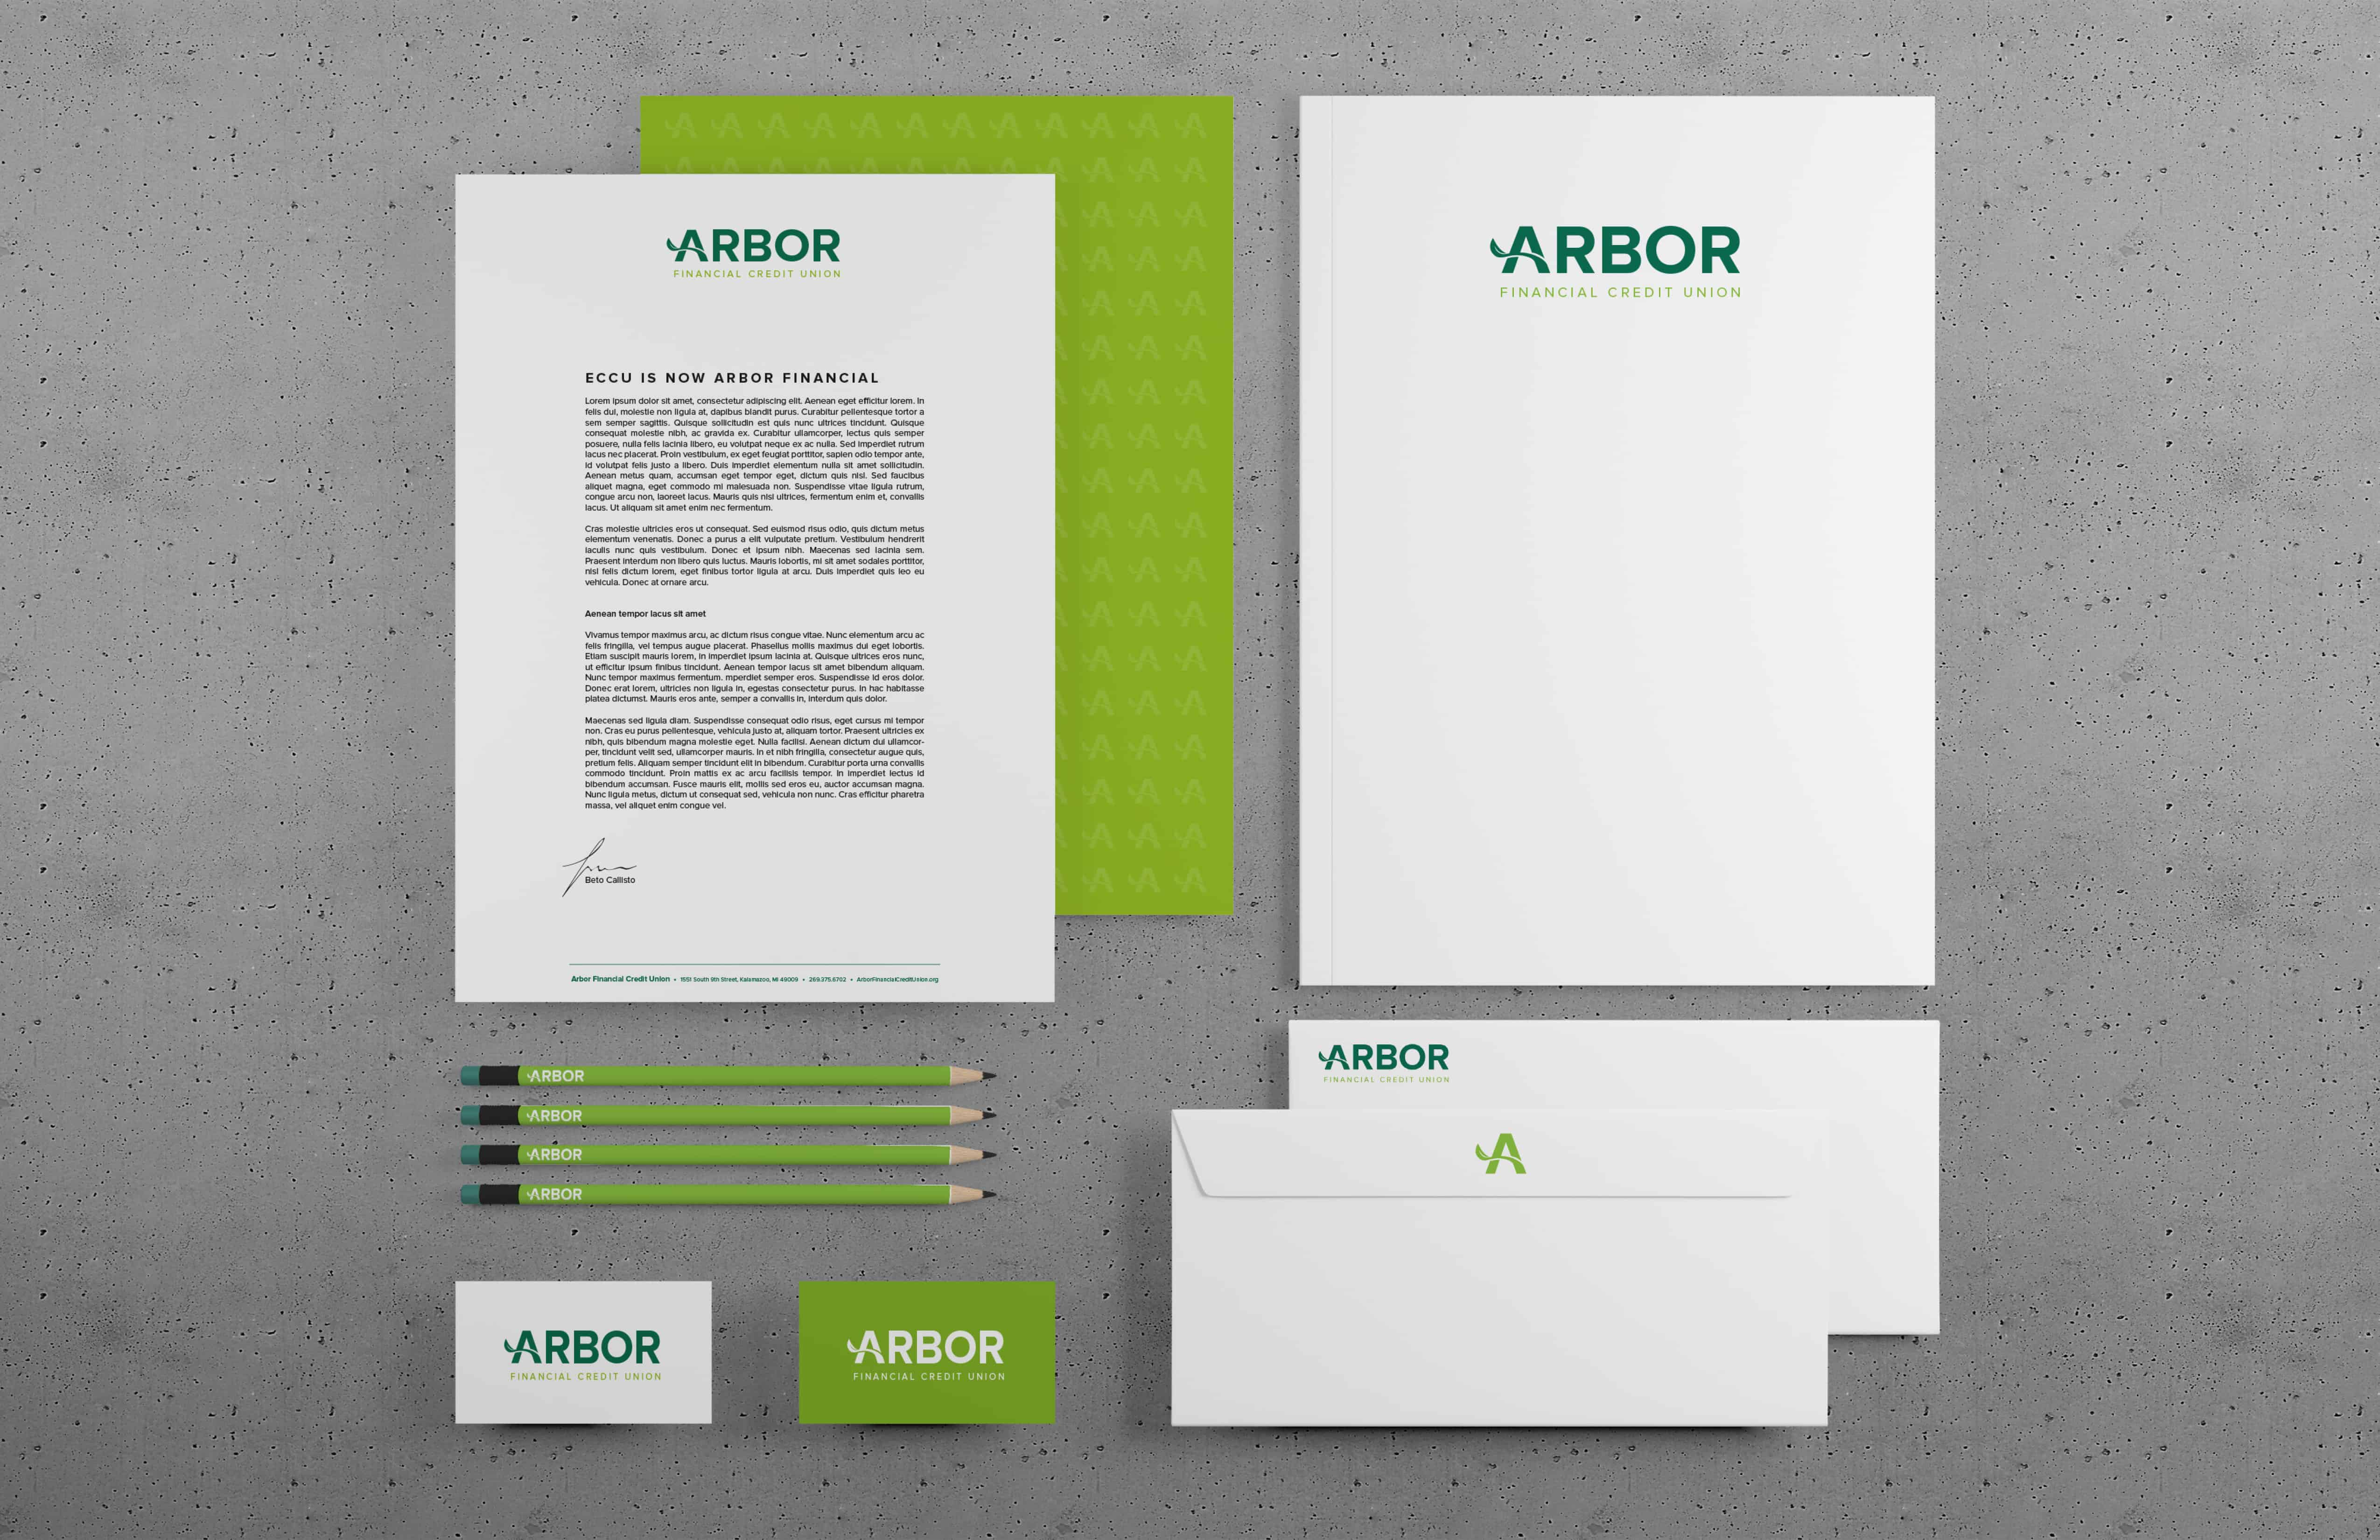 Arbor-ID